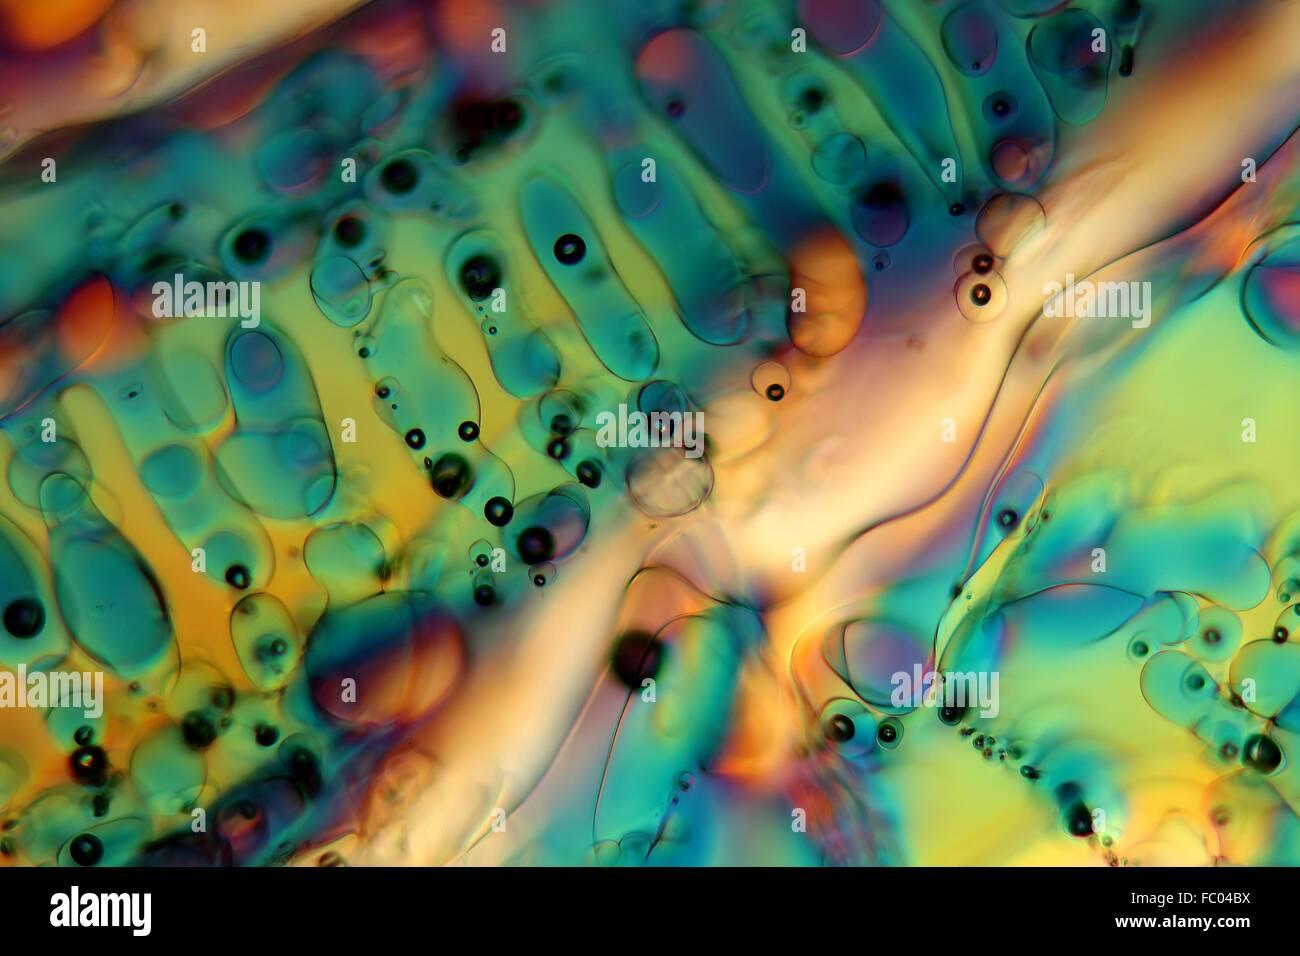 Des cristaux de glace sous le microscope. Photo Stock